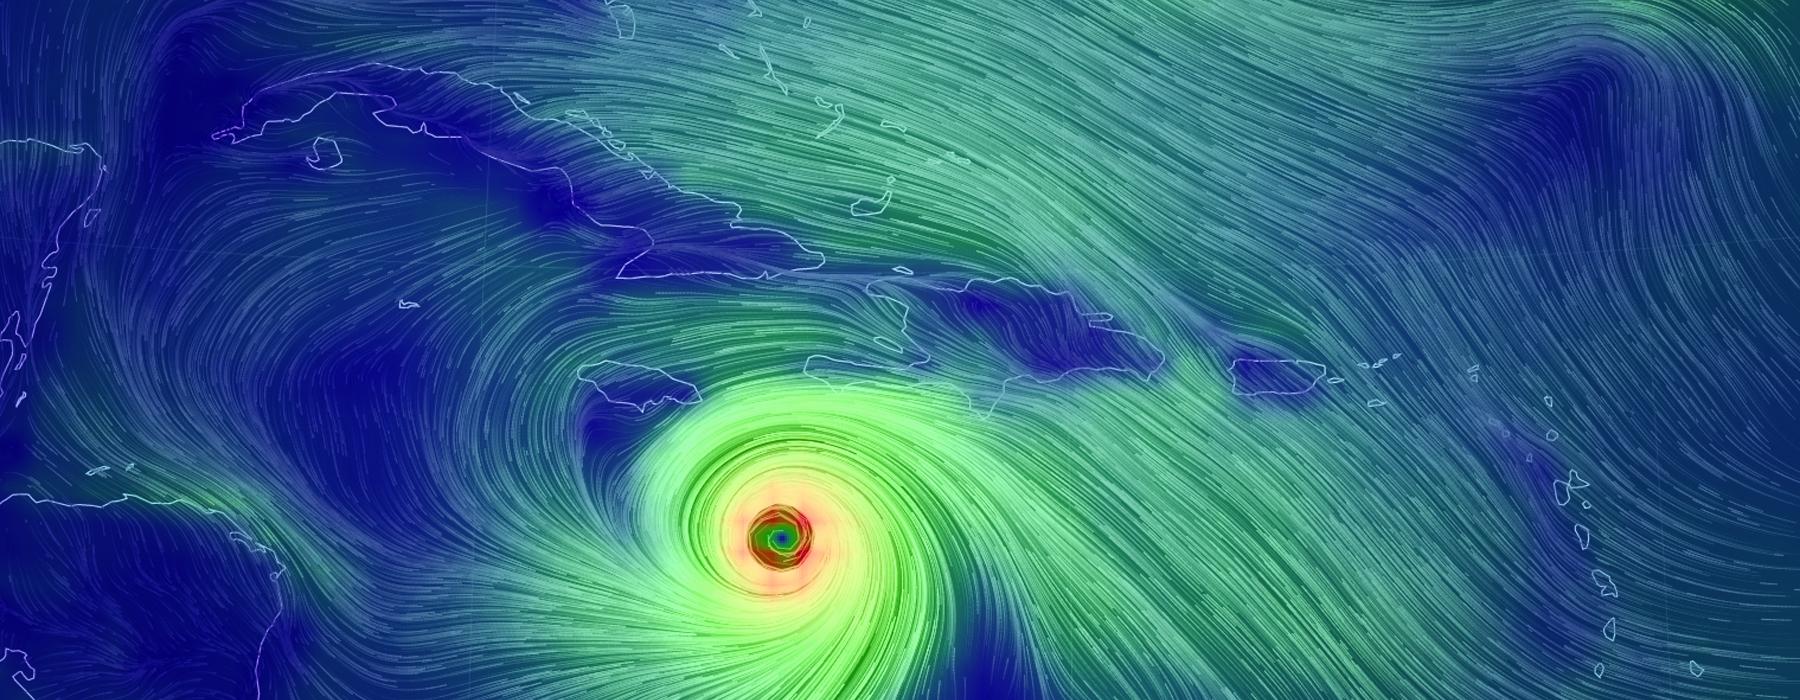 FrontPage_HurricaneMatthew_Banner-1